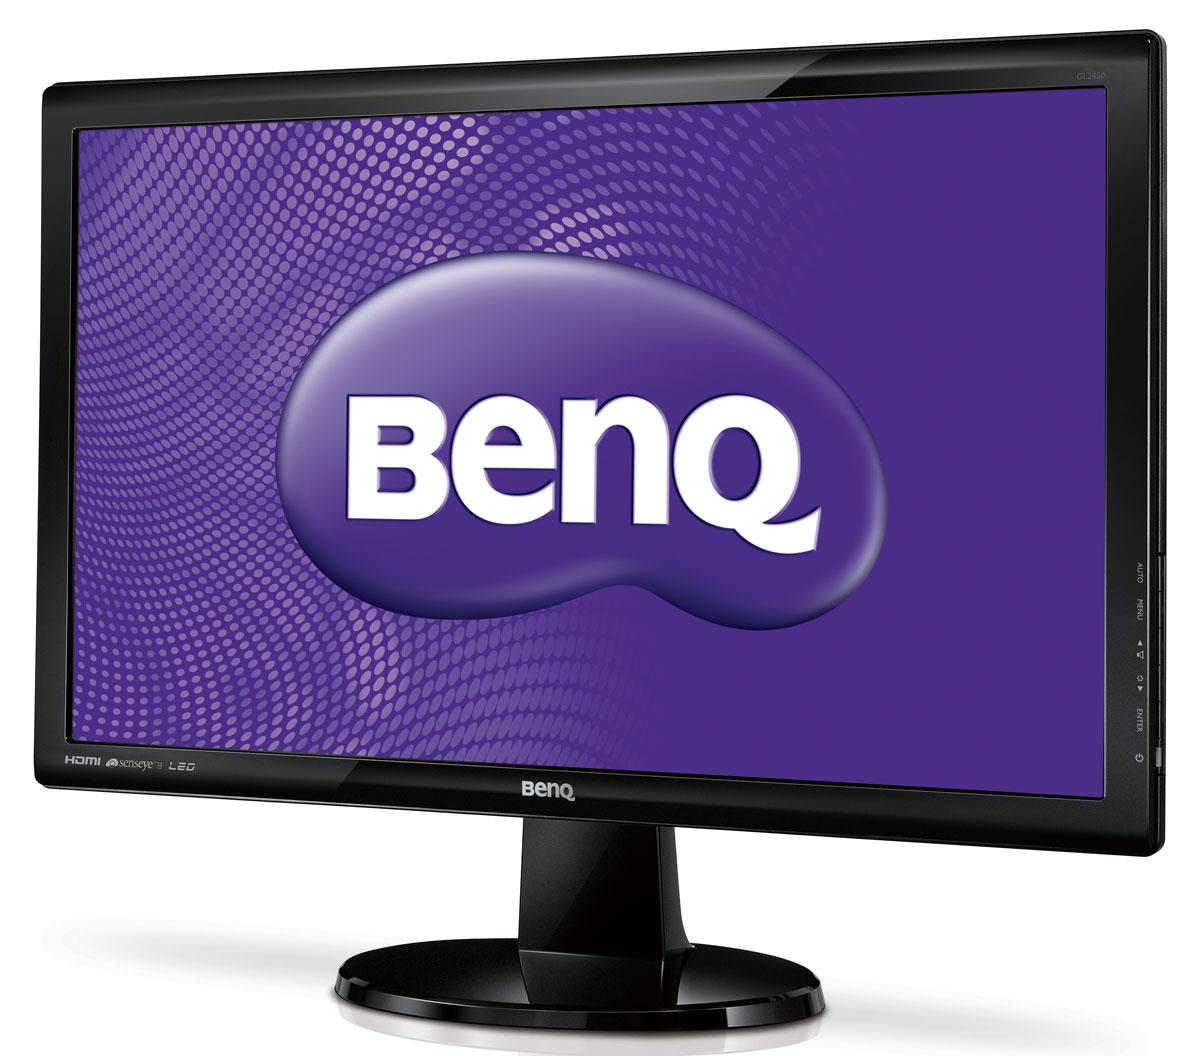 BenQ GL2450HM, Glossy Black монитор9H.L7CLA.TBE/9H.L7CLA.DBEМонитор BenQ GL2450HM - это ваш мультимедийный помощник как дома, так и на работе.Преимущества LED подсветки:Использование в мониторах LED подсветки дает ощутимые преимущества по сравнению с обычноиспользуемой CCFL подсветкой. Эти преимущества включают наряду с высоким уровнем динамическойконтрастности, отсутствием белесой засветки и мерцания, также и снижение вредных выбросов в атмосферупри производстве мониторов и их переработкеПотрясающий уровень динамической контрастности:Уровень динамической контрастности монитора GL2450HM составляет 12 000 000:1, что позволяет кардинальноулучшить качество изображения и увидеть даже мельчайшие детали в самых темных и сложных визуальныхсценах. Все оттенки - от самого черного до самого белого - передаются с потрясающей четкостью, создавая по- настоящему насыщенное изображение.Встроенные динамики:Монитор GL2450HM дает возможность полного погружения в происходящее на экране благодаря встроеннымдинамикам. Смотрите ли вы любимый фильм или слушаете музыку, монитор GL2450HM подарит вамнезабываемое аудиовизуальное удовольствие.Мультимедийный интерфейс HDMI:Мультимедийный интерфейс HDMI делает монитор GL2450HM невероятно удобным в использовании – теперьВы можете наслаждаться цифровыми развлечениями легко, даже используя дополнительное мультимедийноеоборудование.Технология Senseye:Убедитесь в великолепном отображении цвета, обеспечиваемом технологией BenQ Senseye, основанной навосприятии изображения человеческим глазом. С помощью шести различных калибрационных техник, Senseye 3обеспечивает лучшее визуальное качество изображения во всех своих 6 режимах: Стандартном, Кино, Игра,Фото, RGB и Эко – режим, специально разработанный для экономии электроэнергииСовместимость с Windows 7:GL2450HM прошел сертификацию Windows 7 и полностью совместим с этой ОС. Просто присоедините монитор квашему ПК и система самостоятельно распознает и сконфигурирует устройство.